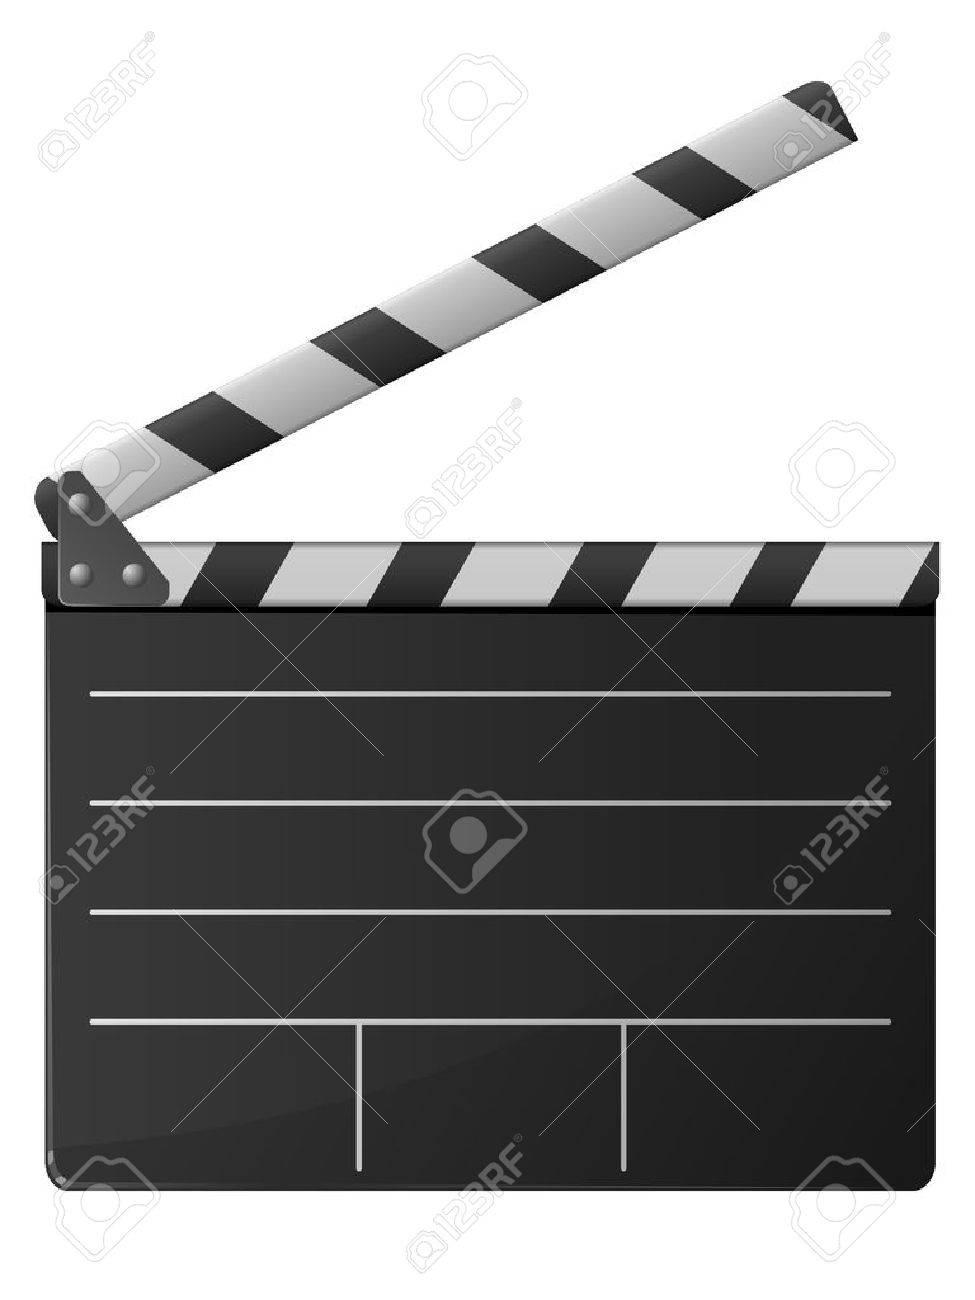 Как сделать аксессуары для барби своими руками видео